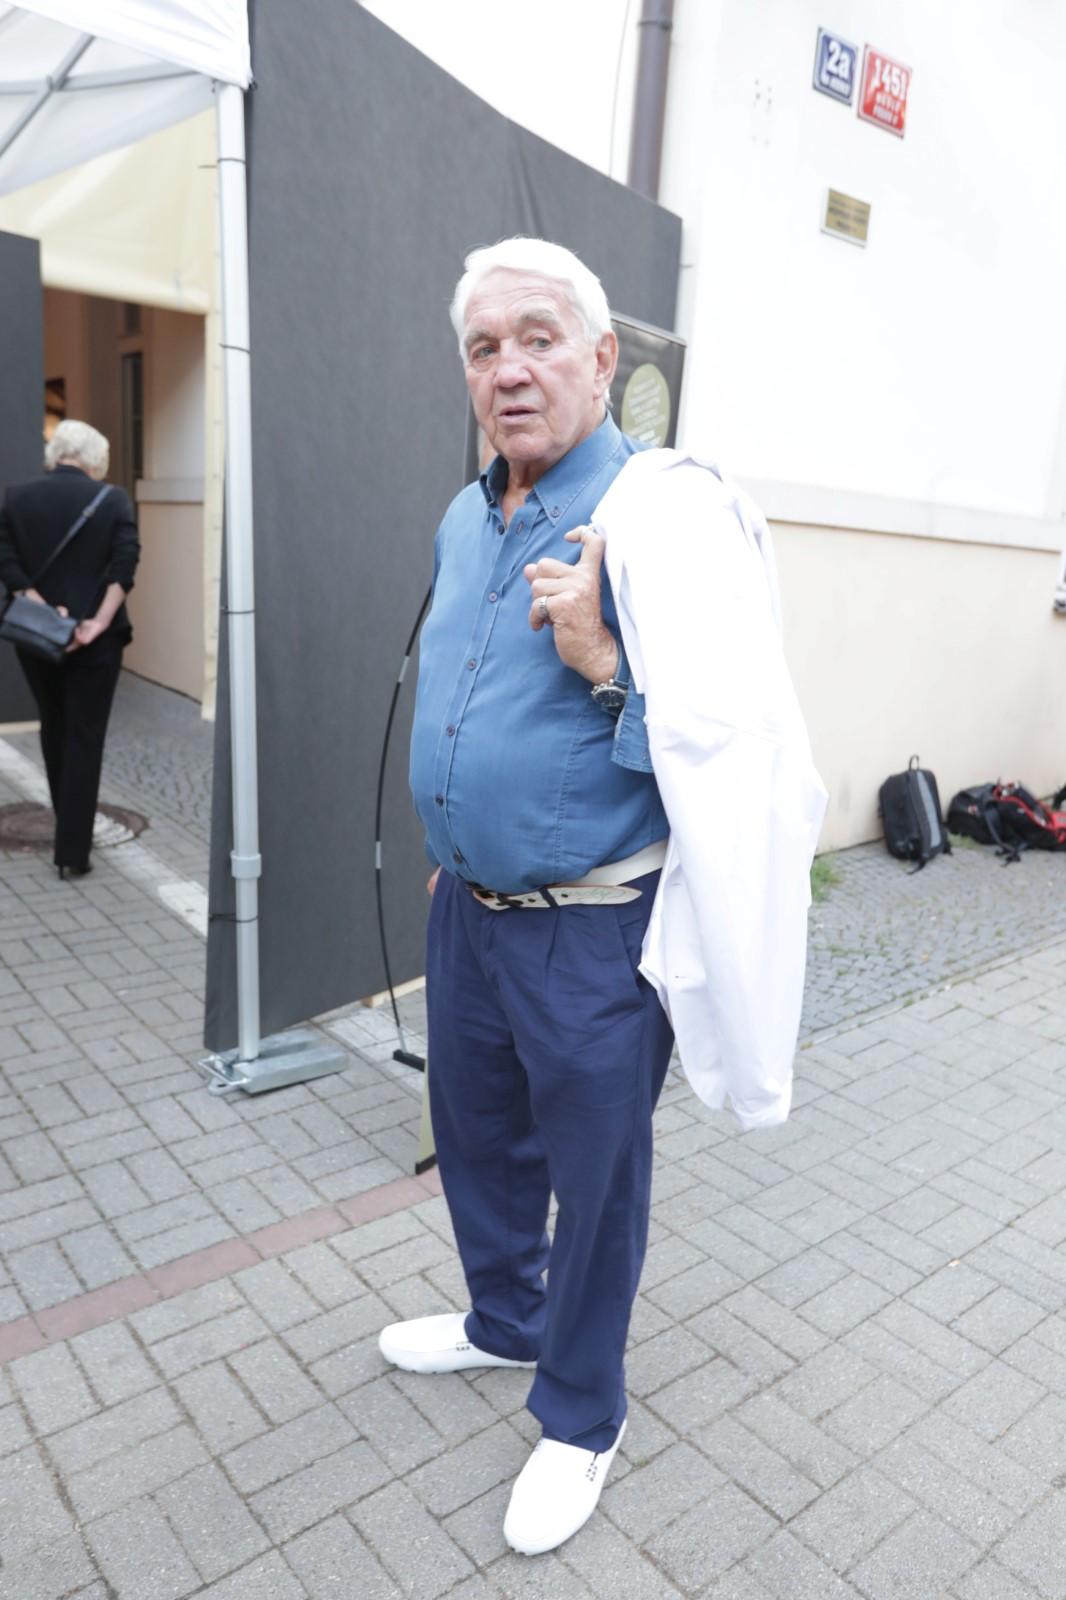 Oslava narozenin Karla Gotta: Jiří Krampol